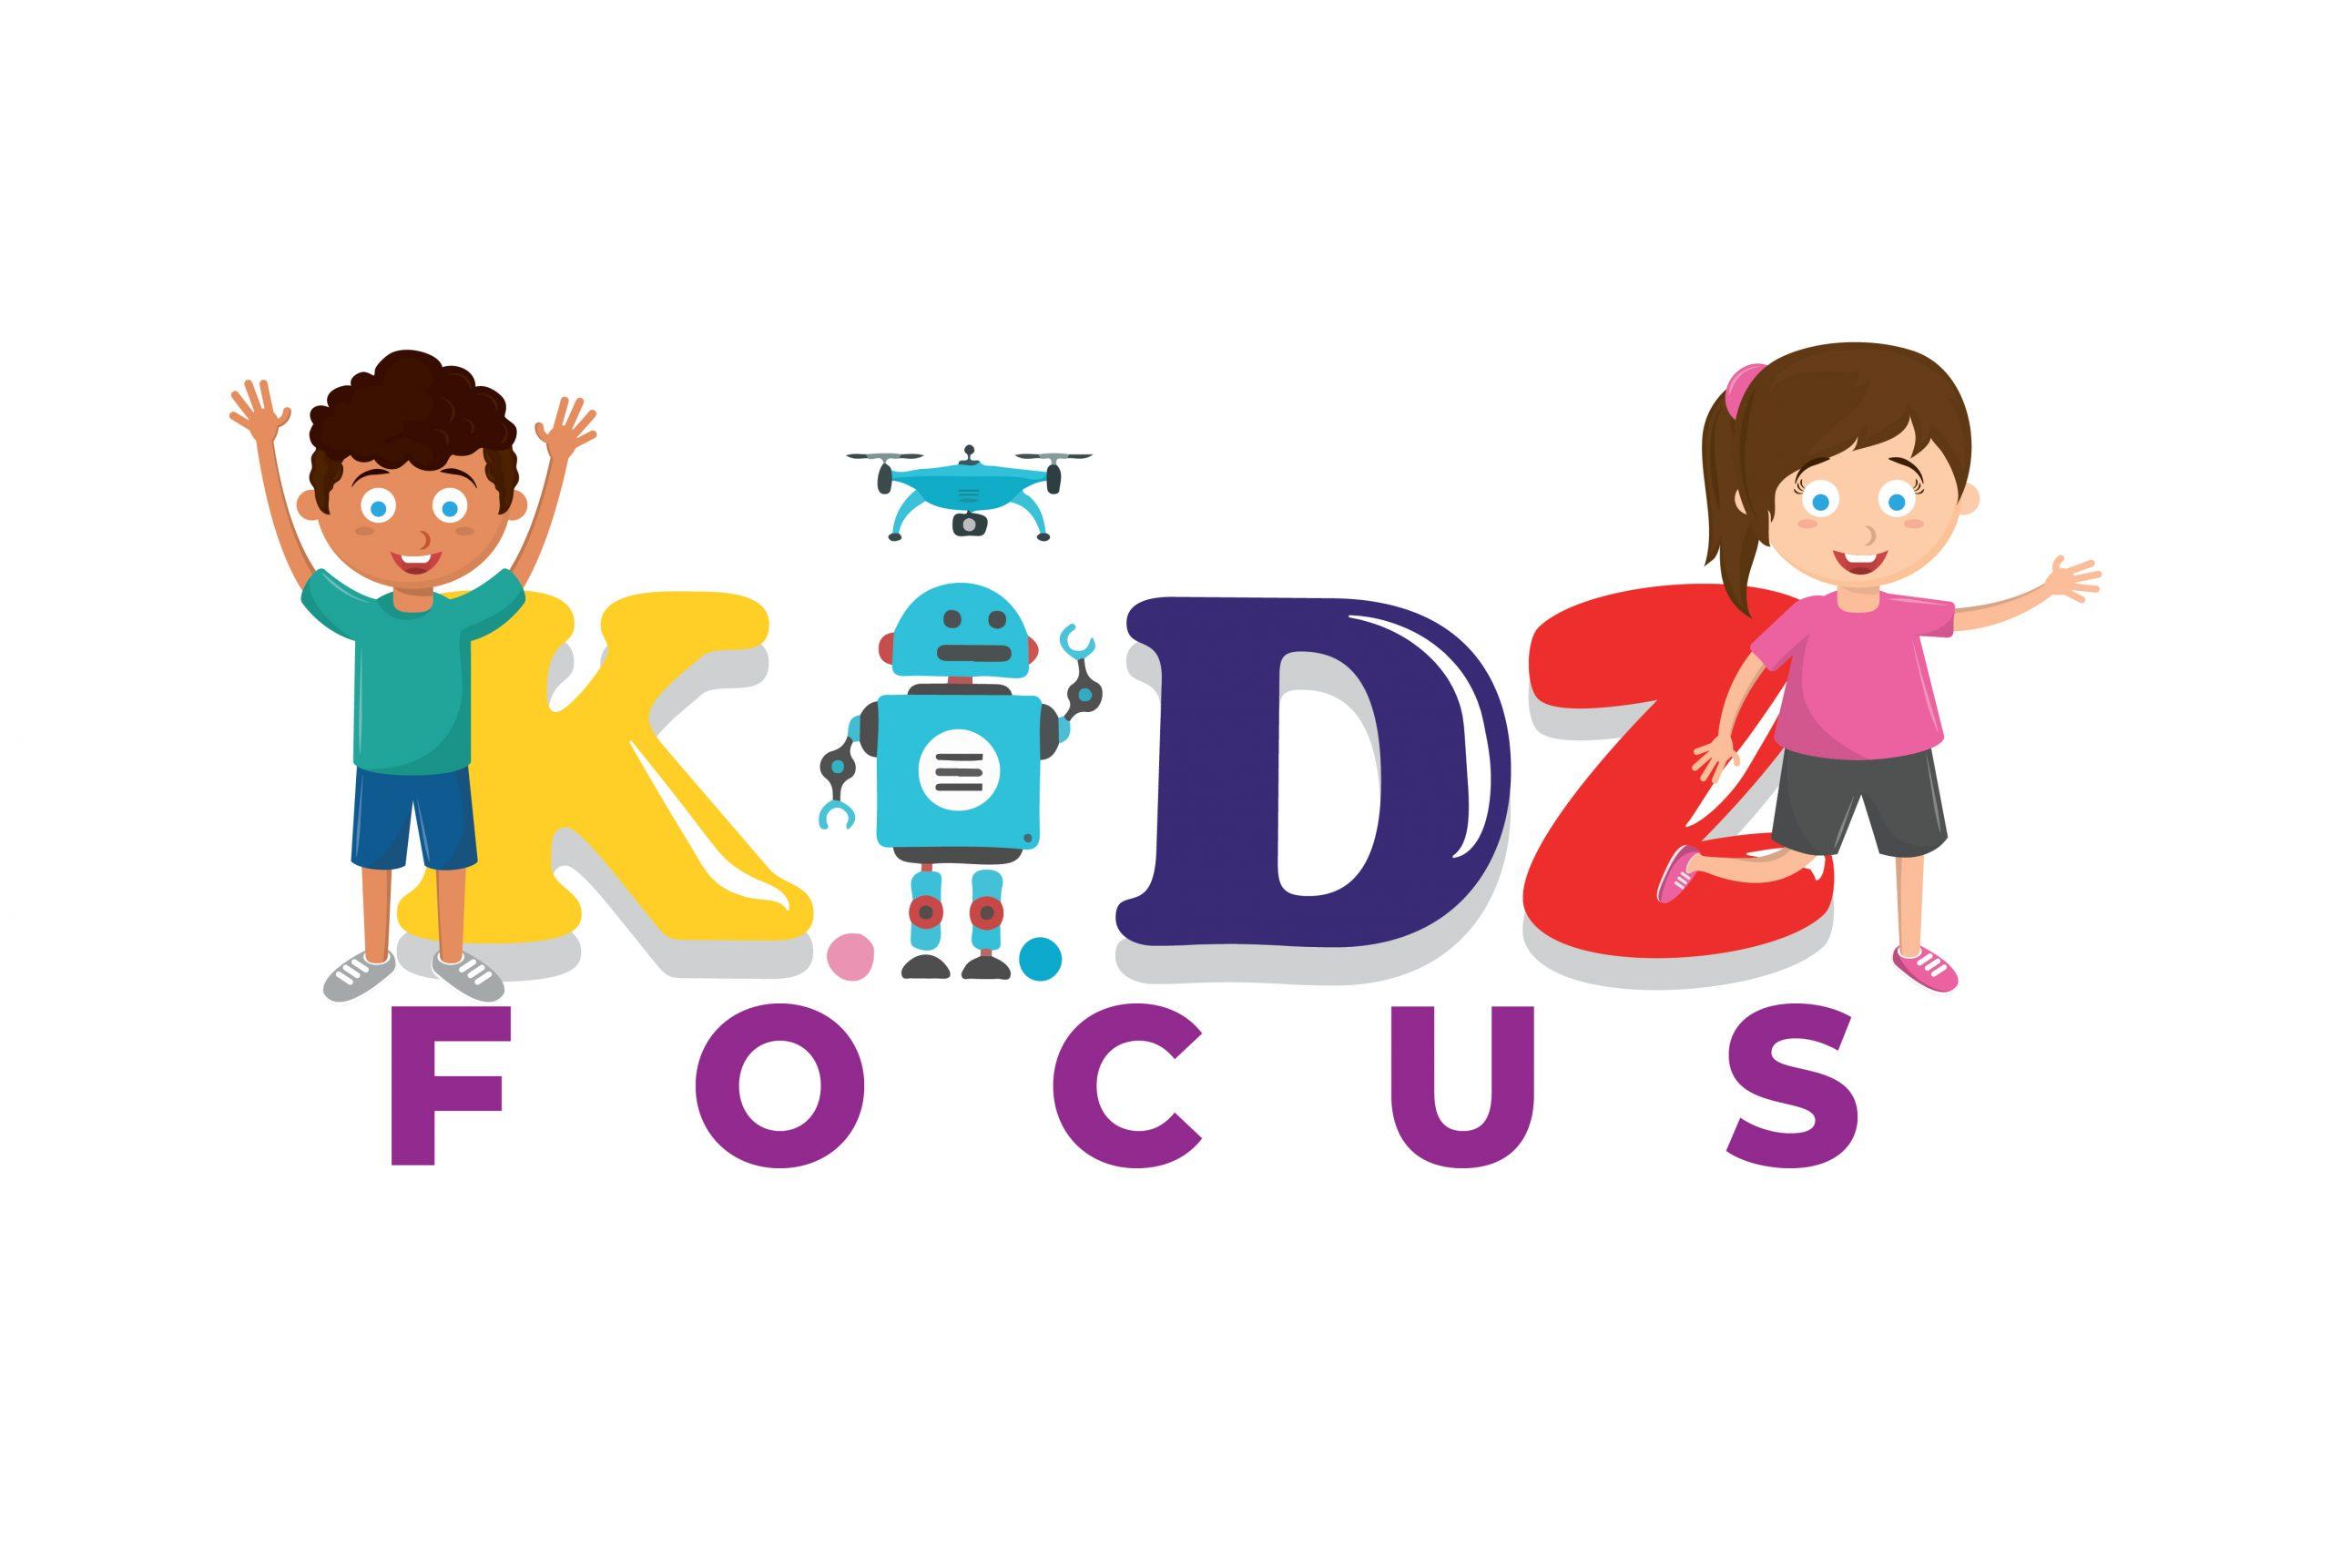 Kidz Focus